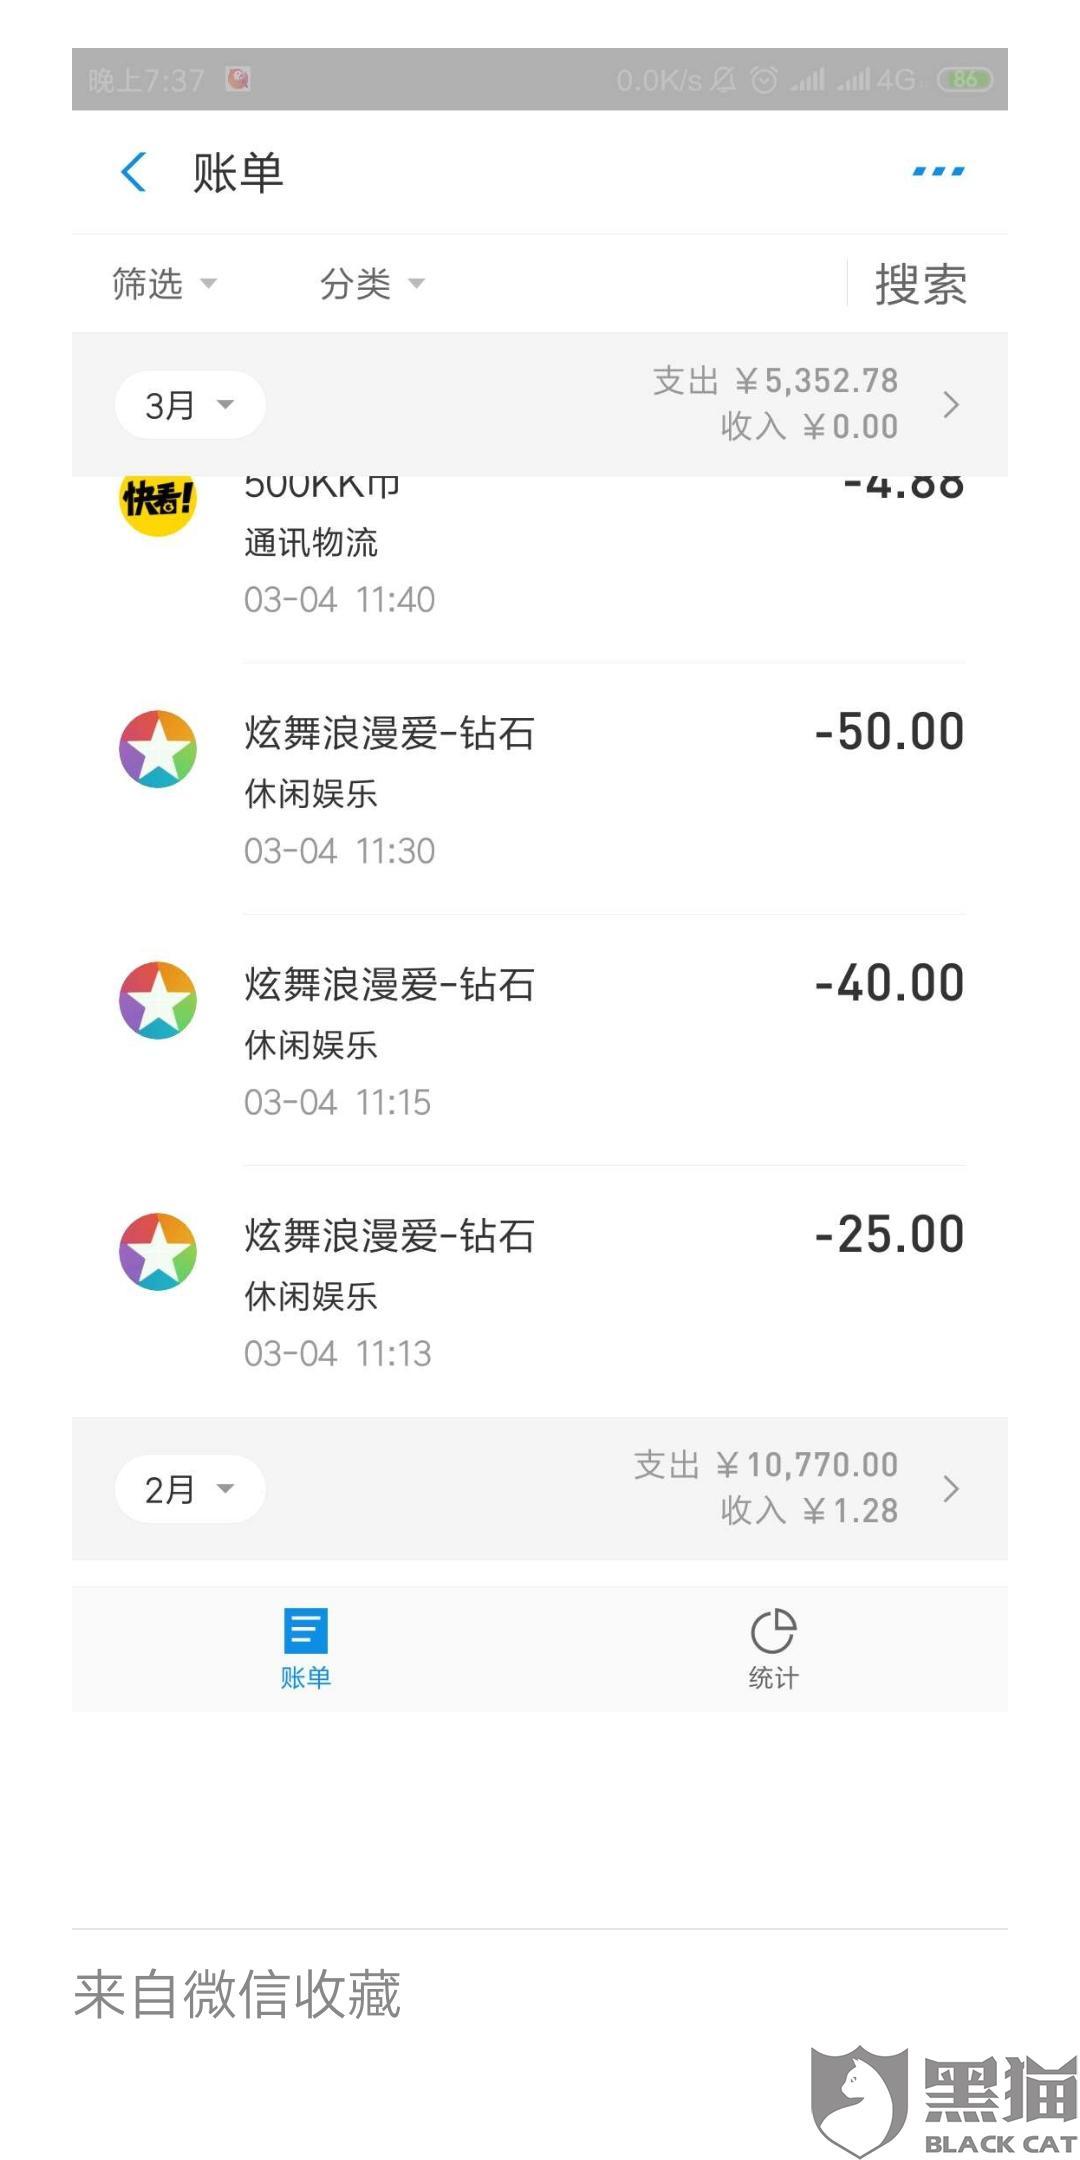 黑猫投诉:请北京瓦力网络科技有限公司退款